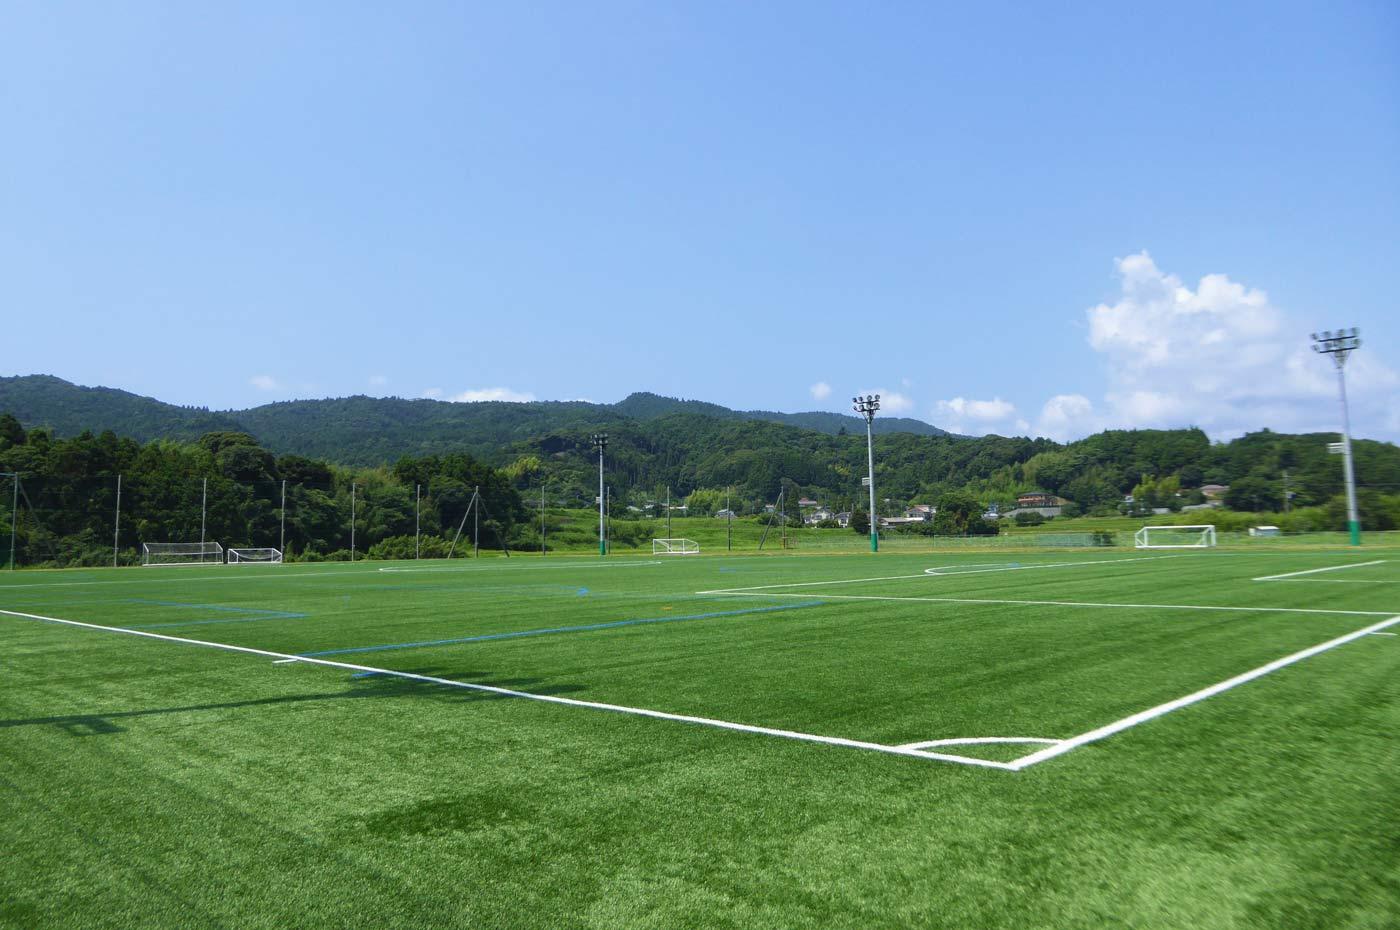 鴨川総合運動施設のサッカー場